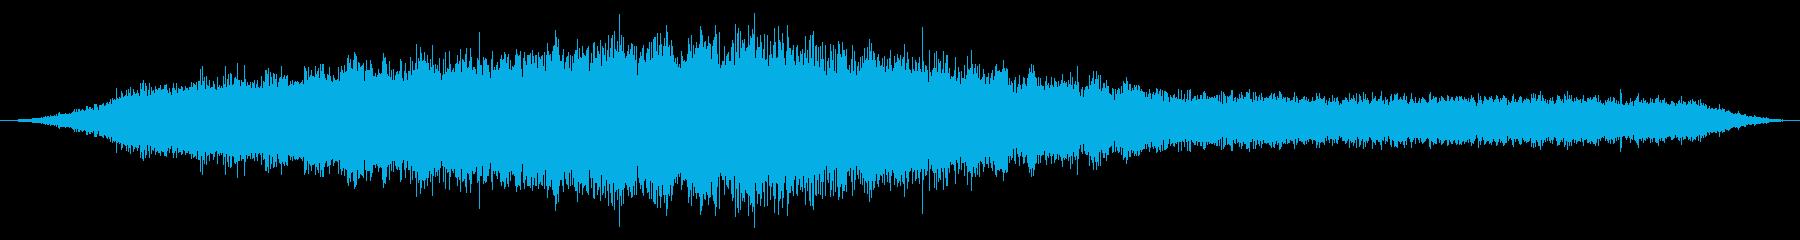 ECM 660油圧式削岩機:ディー...の再生済みの波形